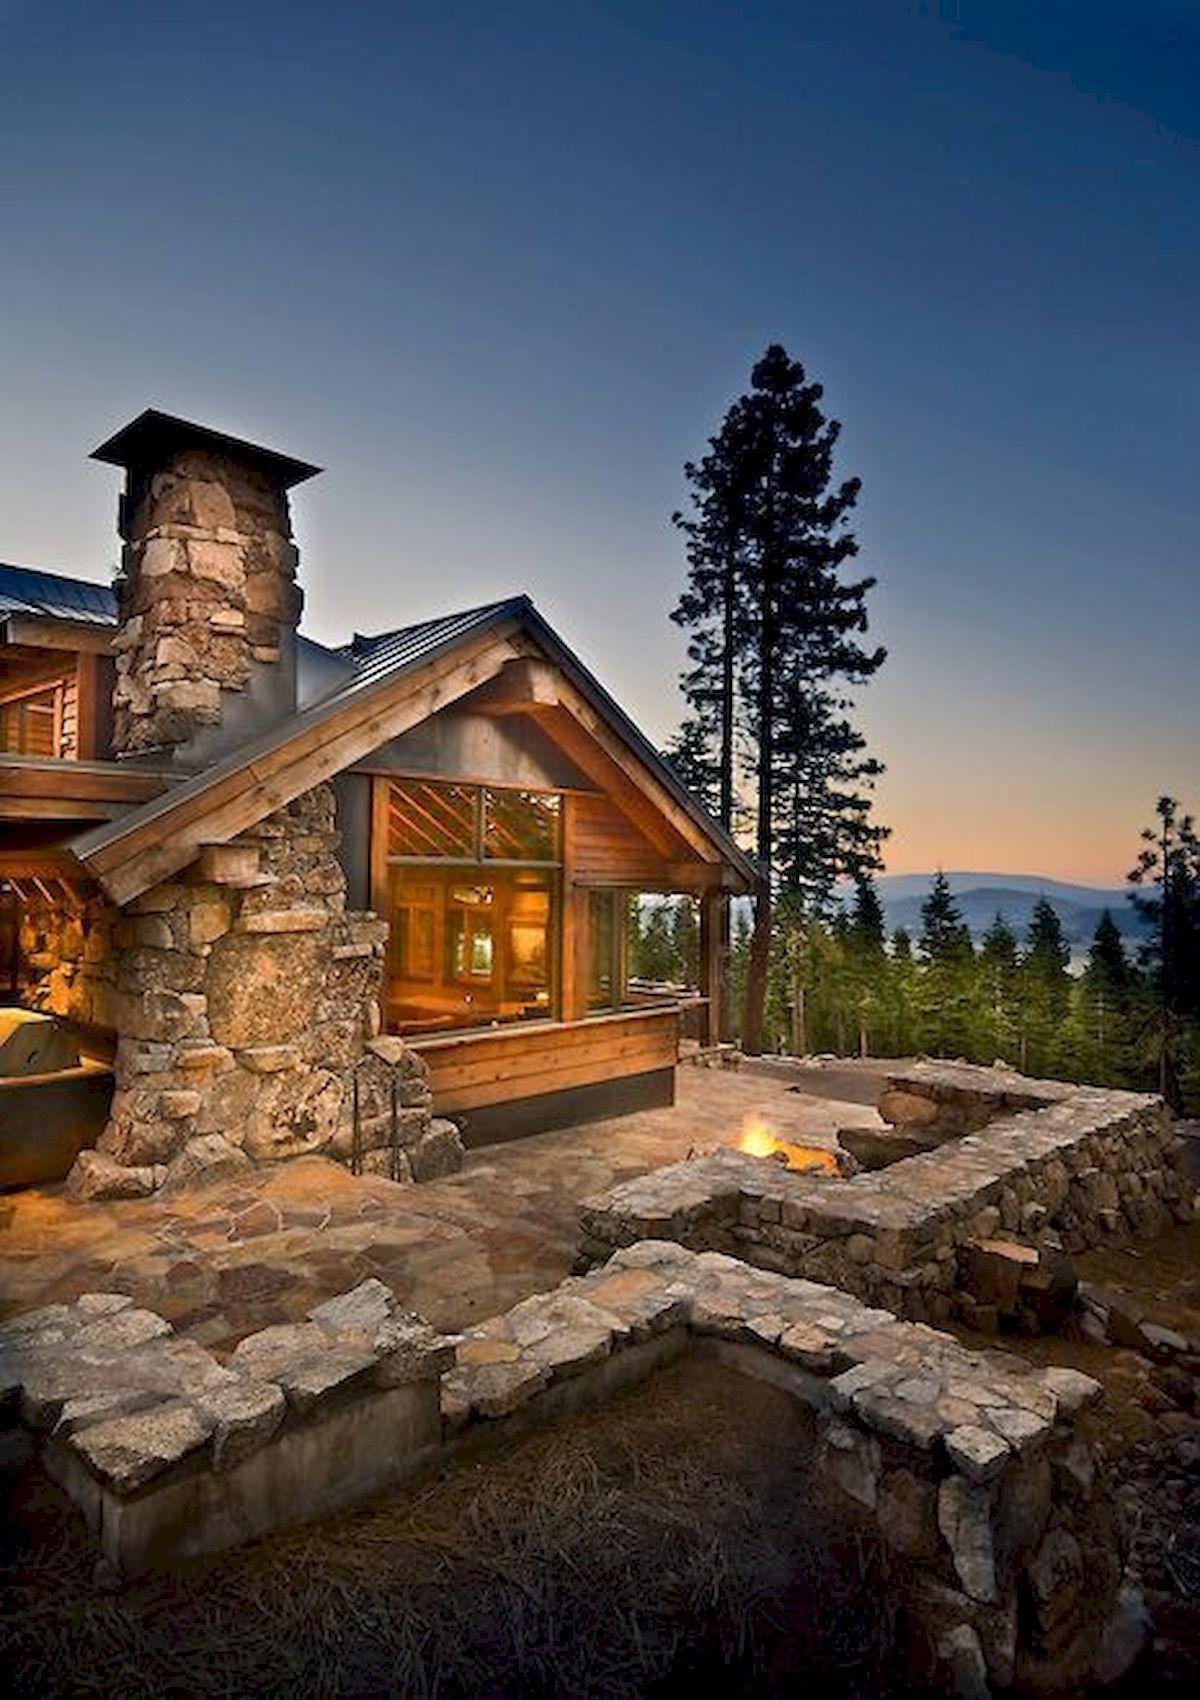 бордер маленькая, картинки красивые дома из камня и дерева проекты примере ниже обратите